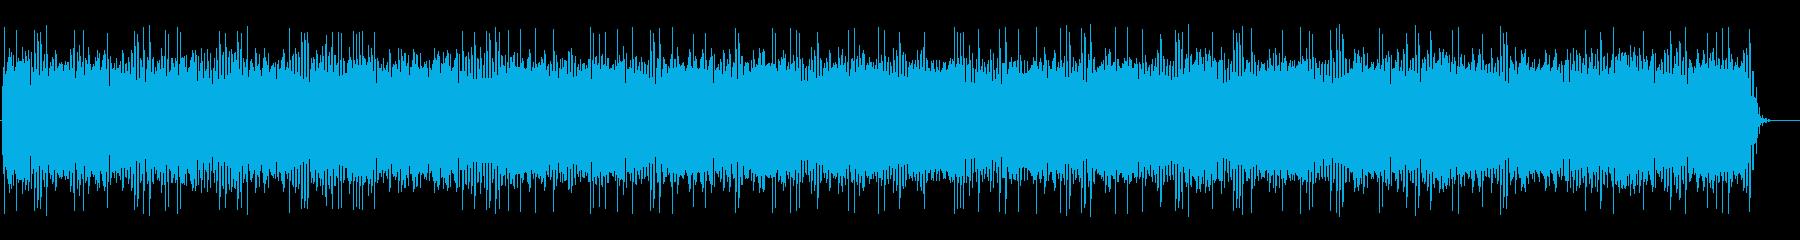 [電気] ビリビリ感電 pat_A 中の再生済みの波形